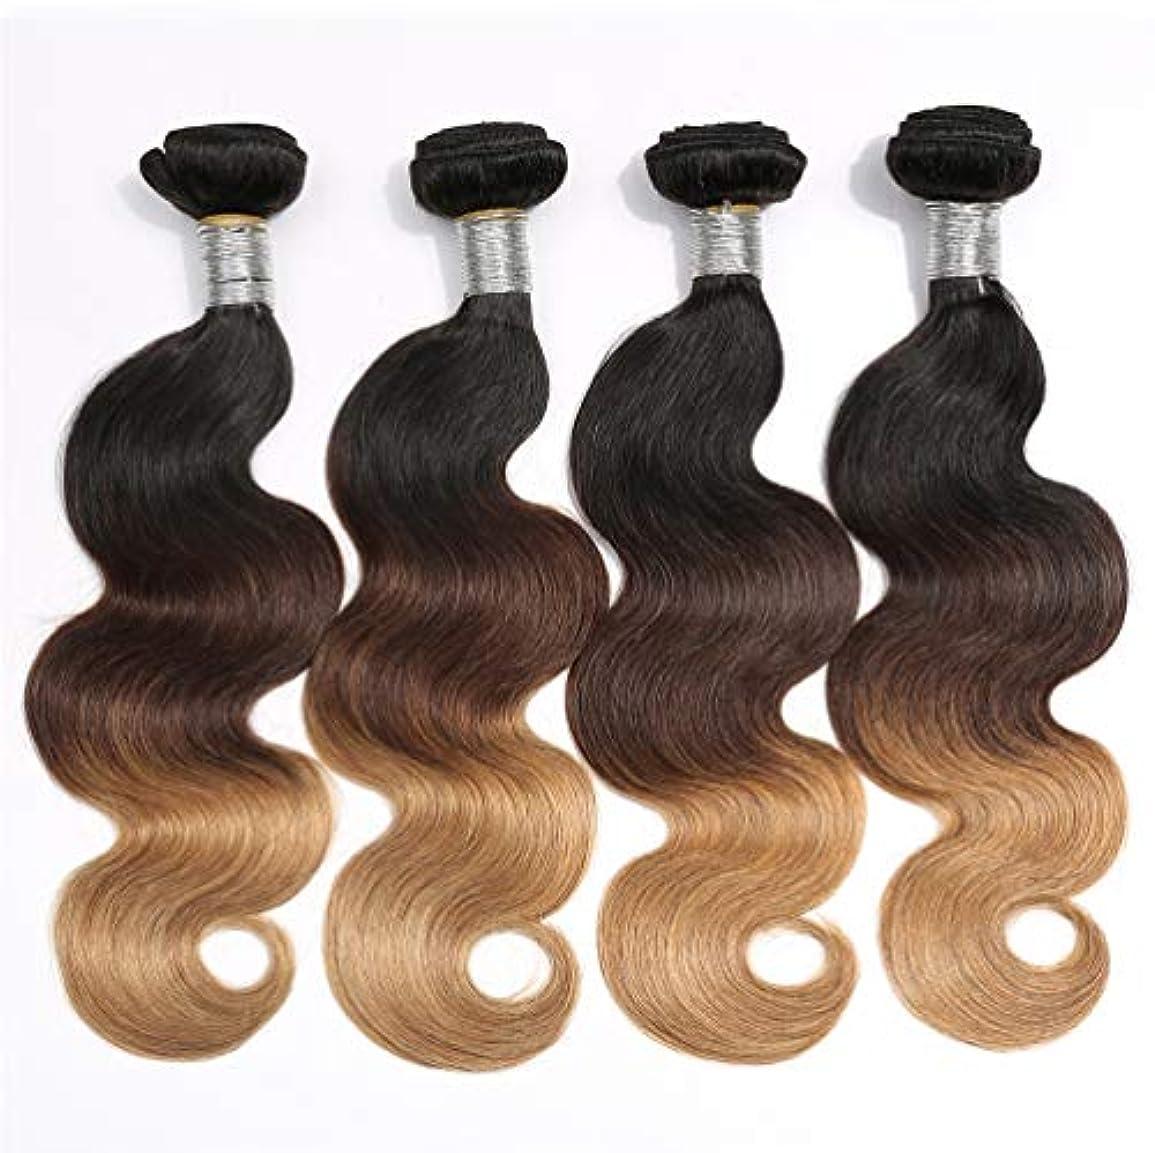 熟読する浸透するピアノを弾く女性150%密度ブラジル髪の束実体波1バンドル髪の束実体波人間の髪の毛のグラデーション